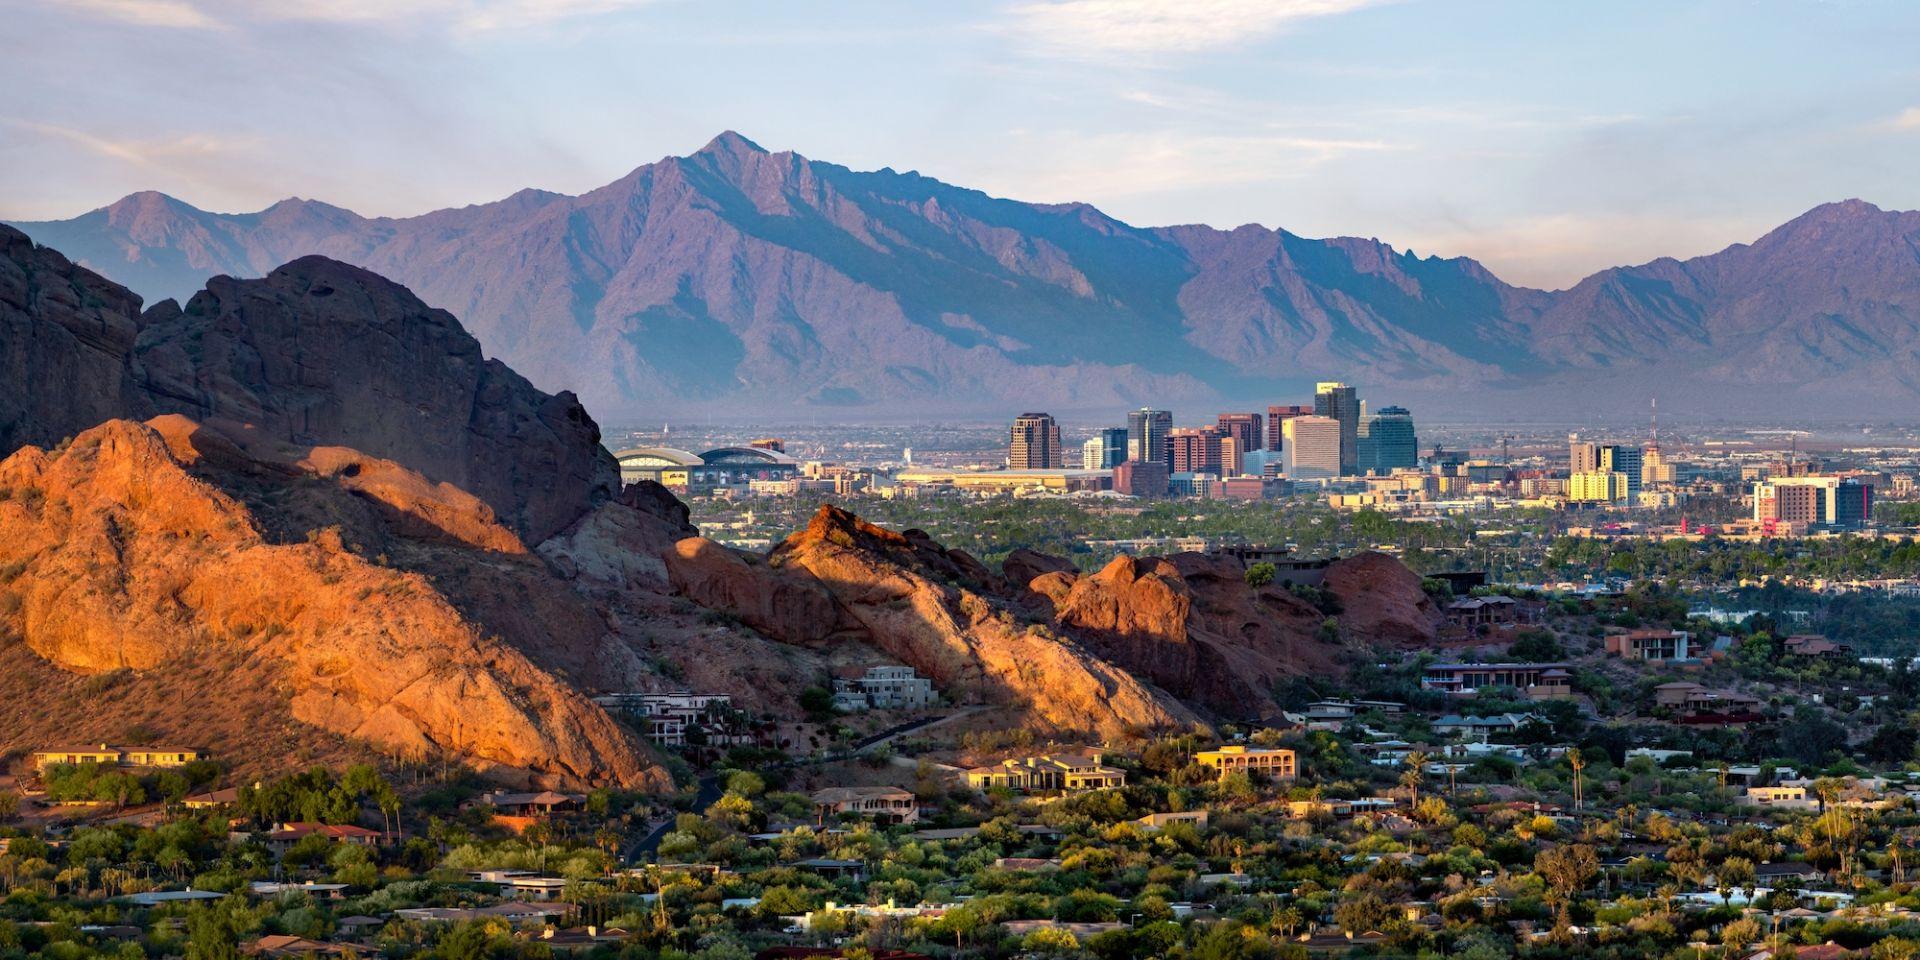 40 Acres in Navajo County, Arizona! BIDDING IS PER ACRE!